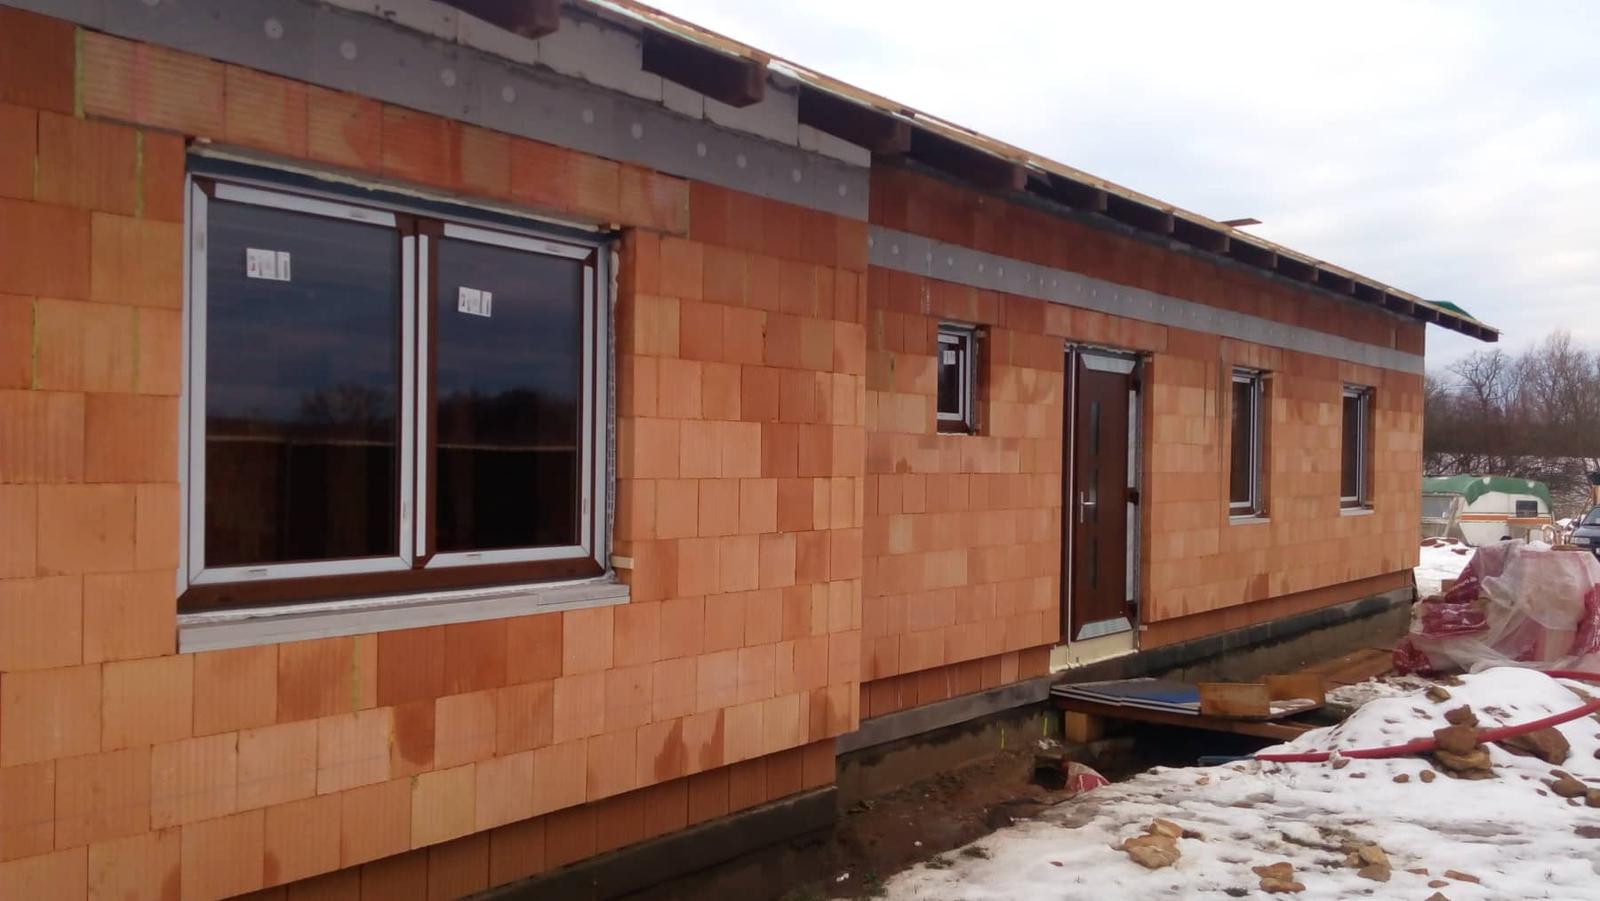 Náš vysněný domov :-) - Máme radost..včera nám začli montovat okna :-) :-)